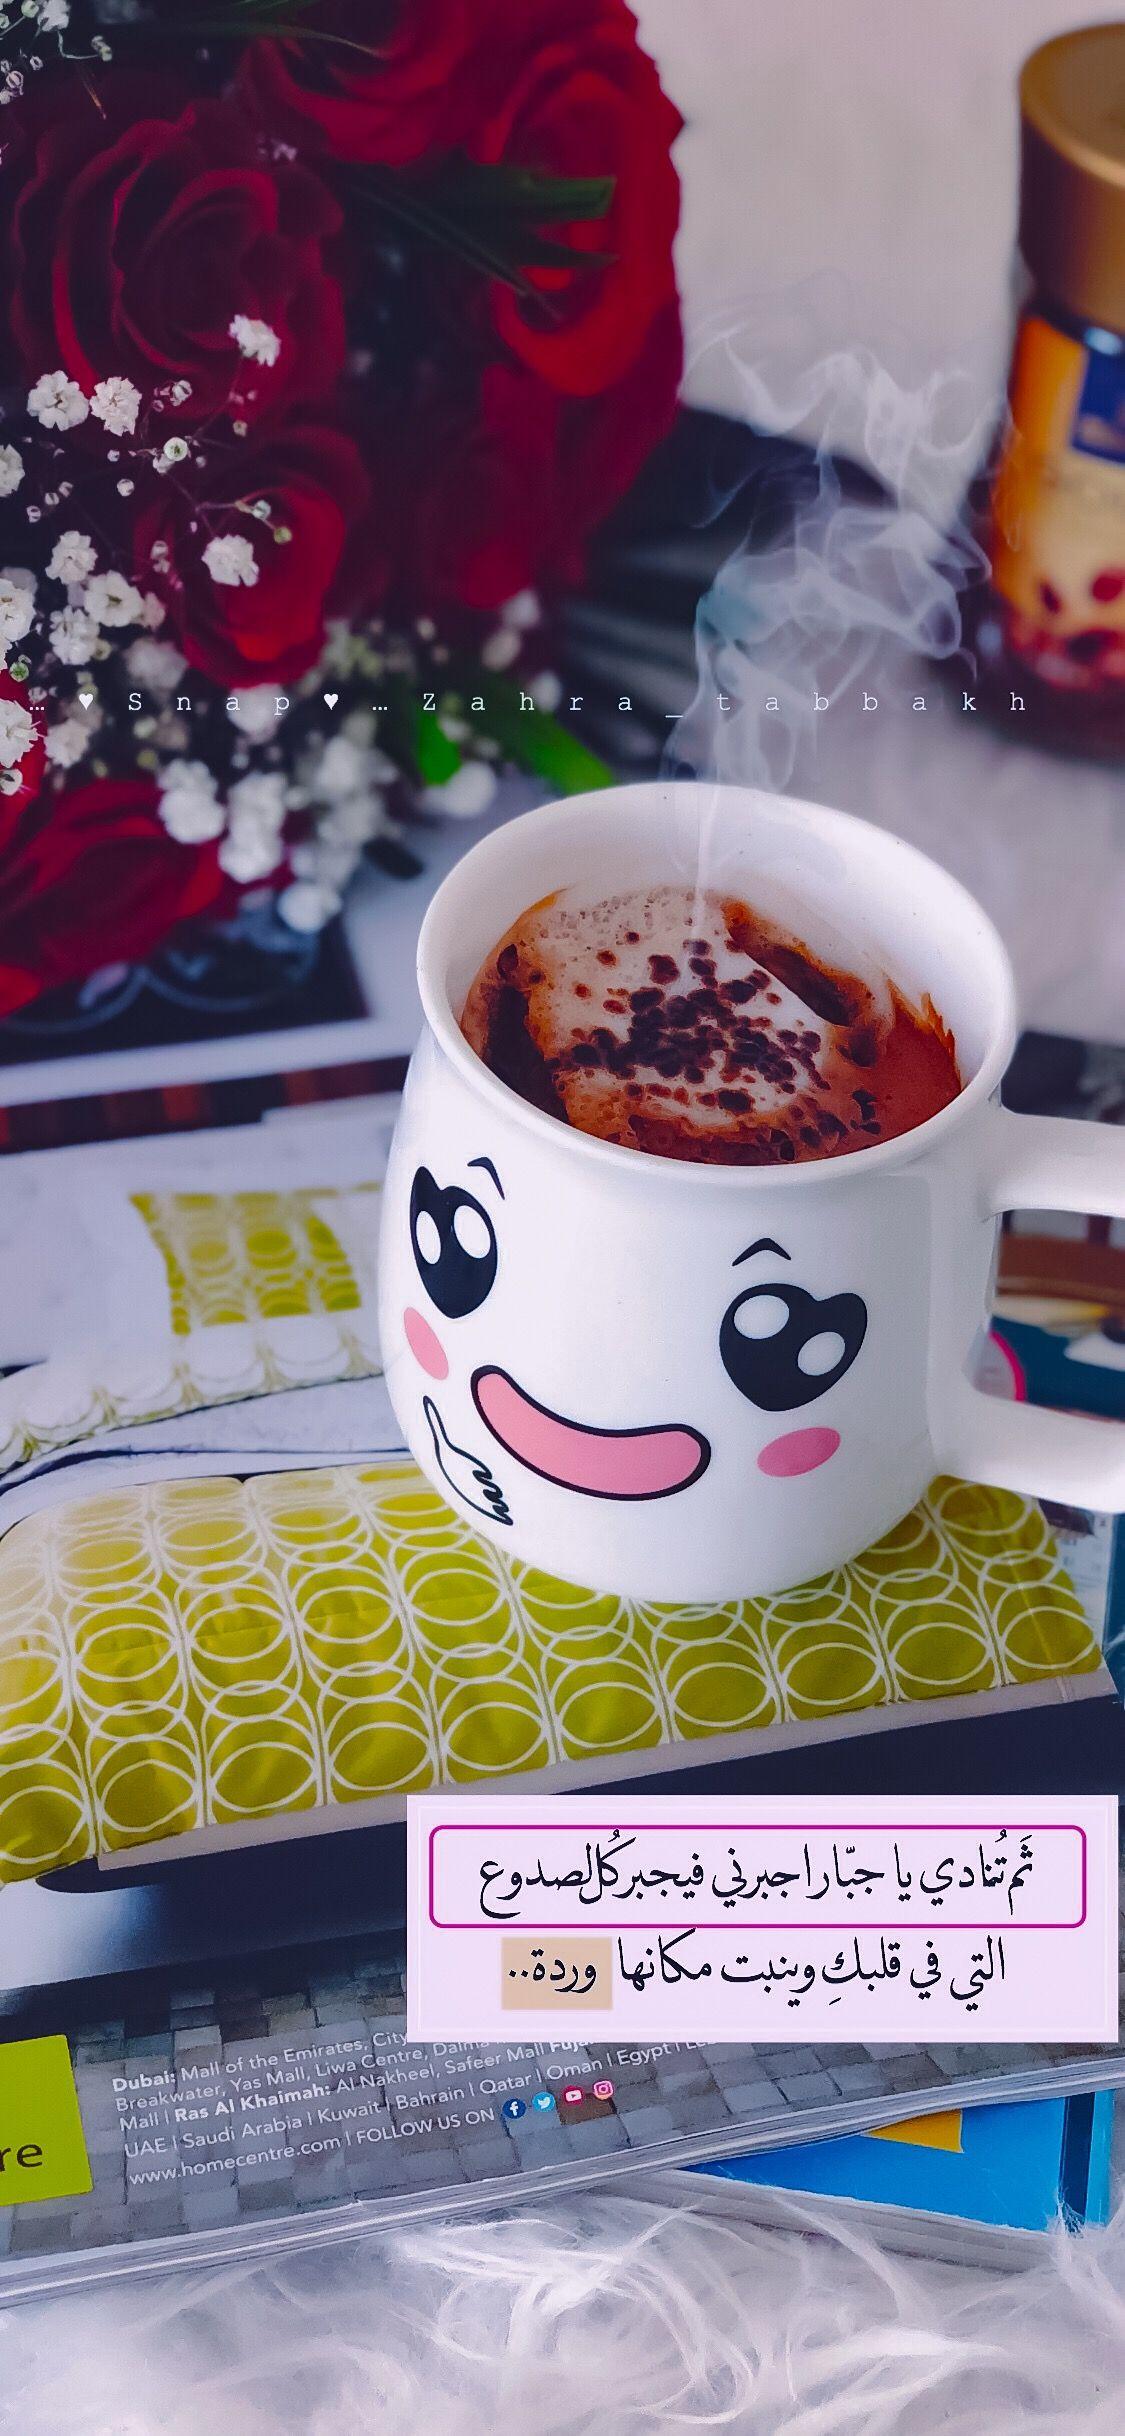 قهوتي صباح الخير صباح الورد اقتباسات سنابيات سناب شات رمزيات قهوة الصباح بيسيات صور Nescafe Coffee Time Coffee